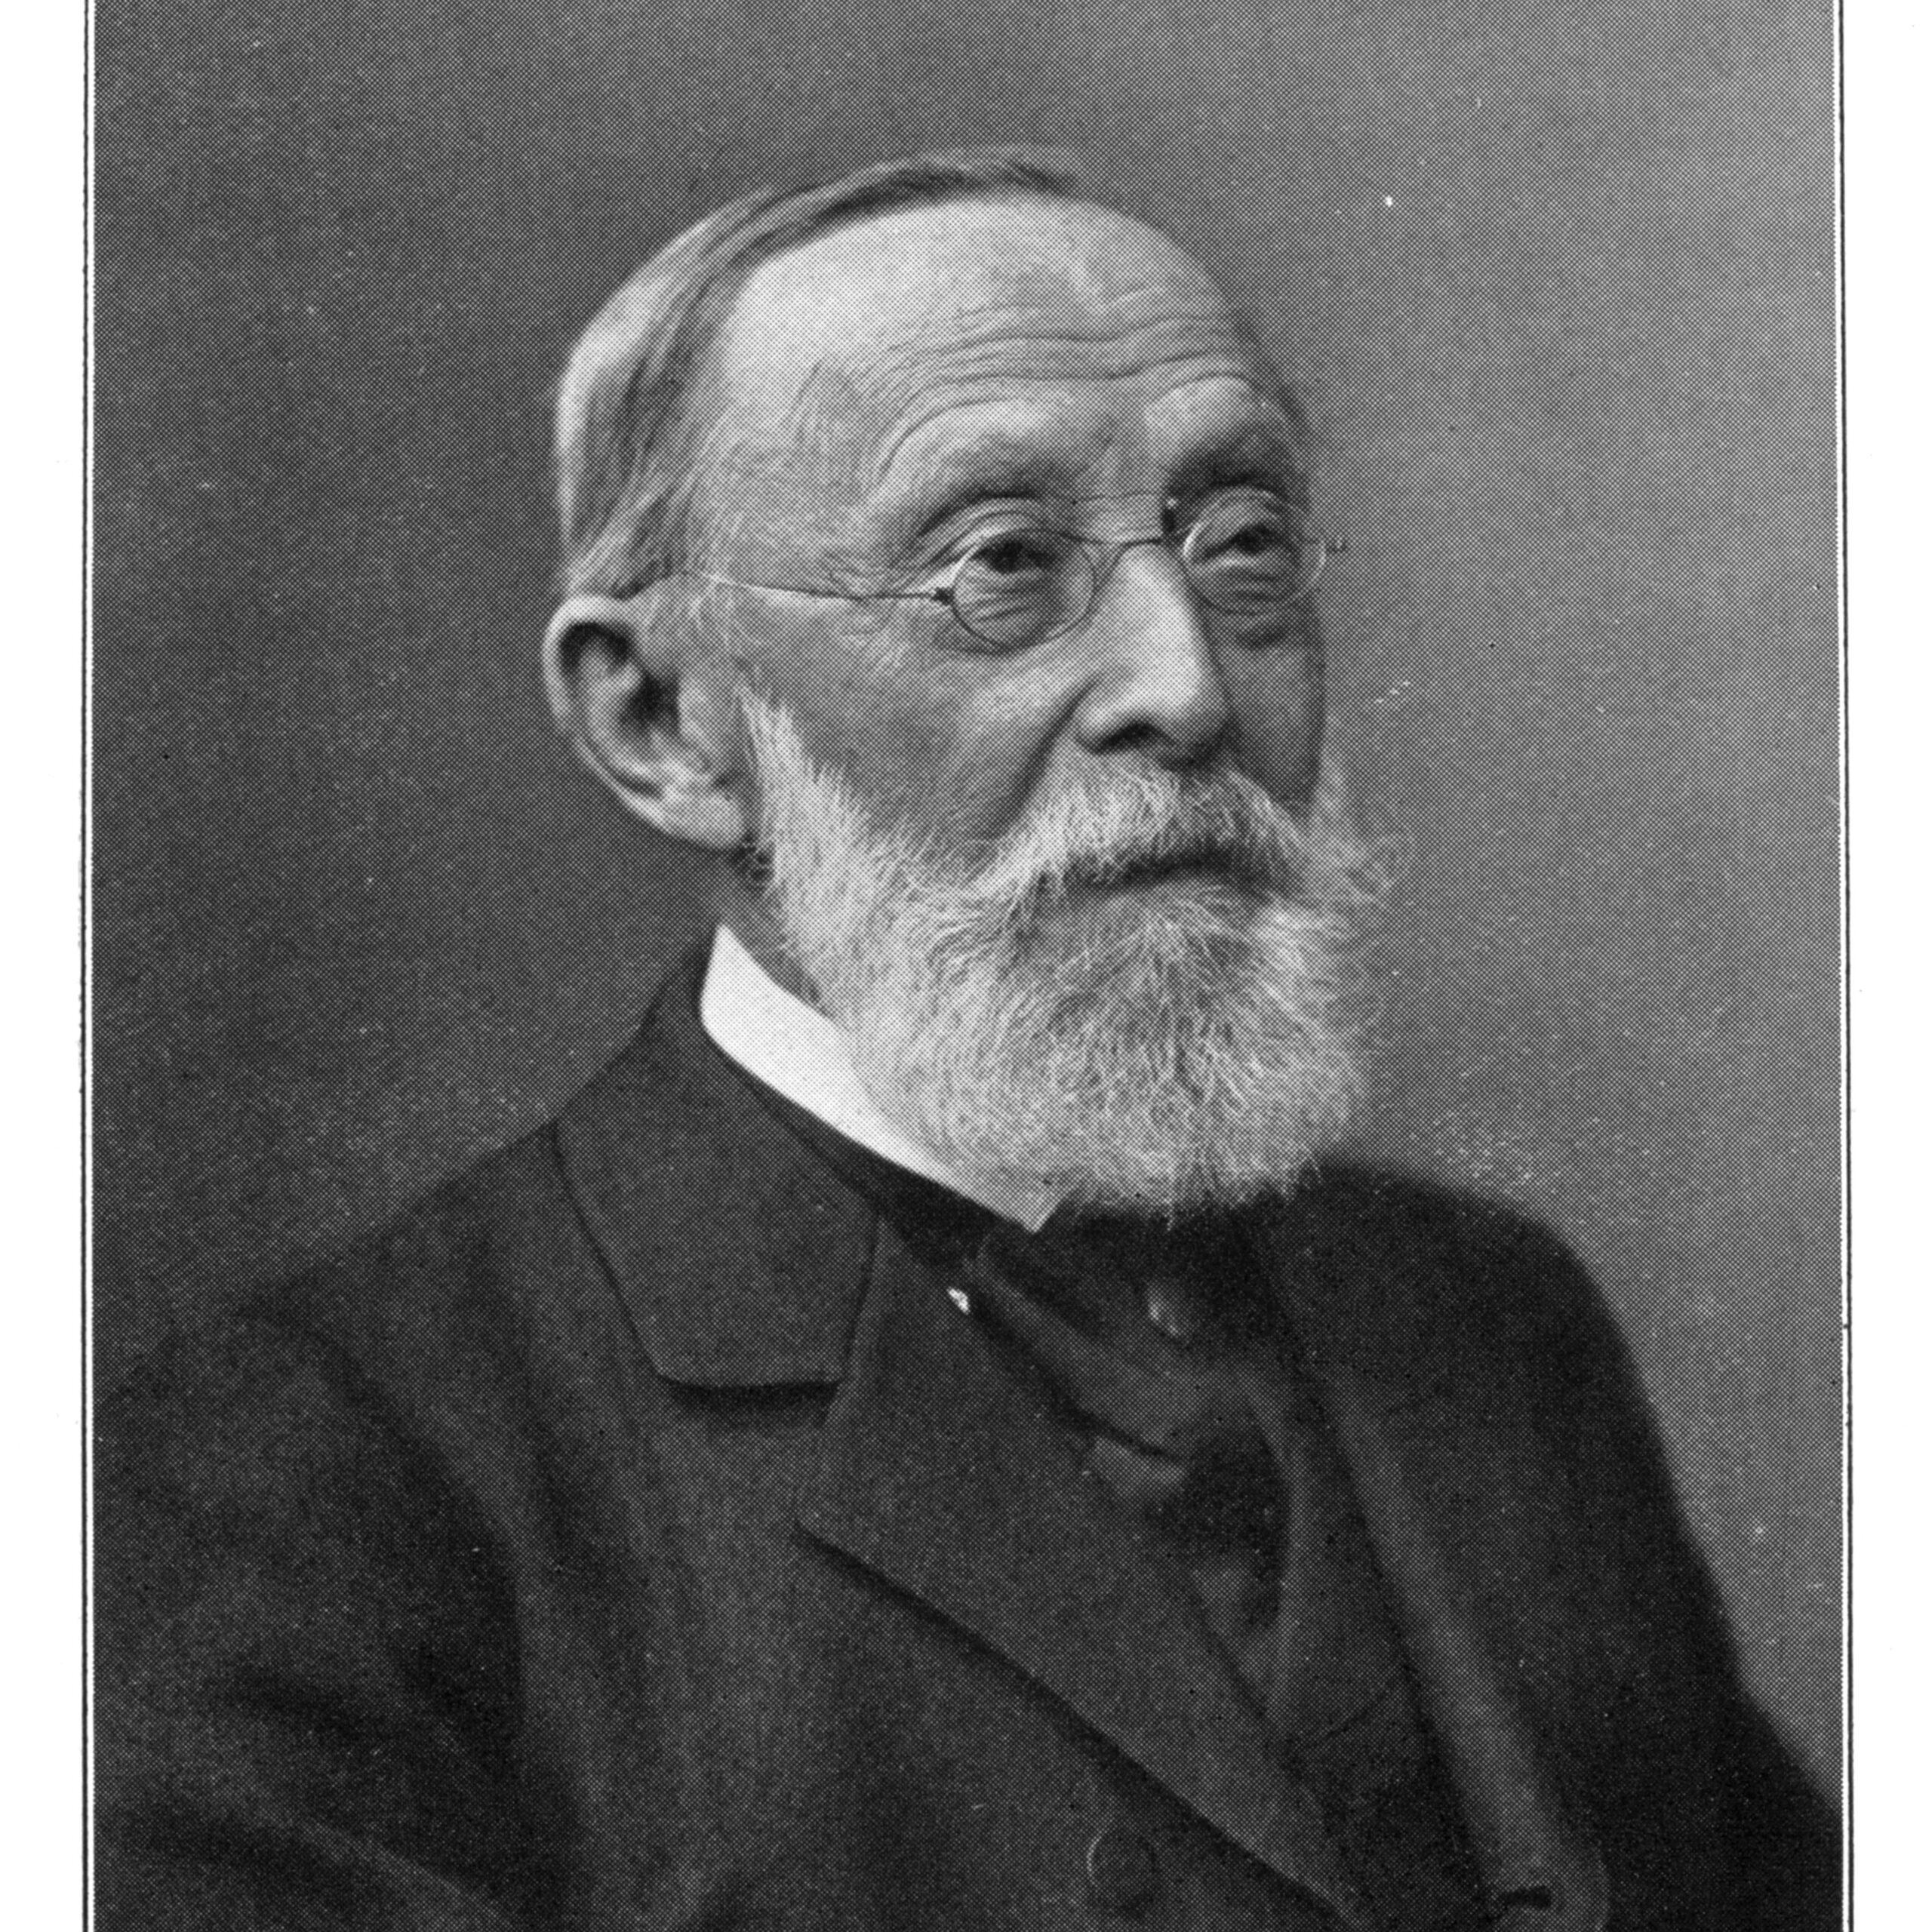 """Medicul Rudolf Virchow, fondatorul patologiei celulare:""""Orice celulă provine din altă celulă"""""""